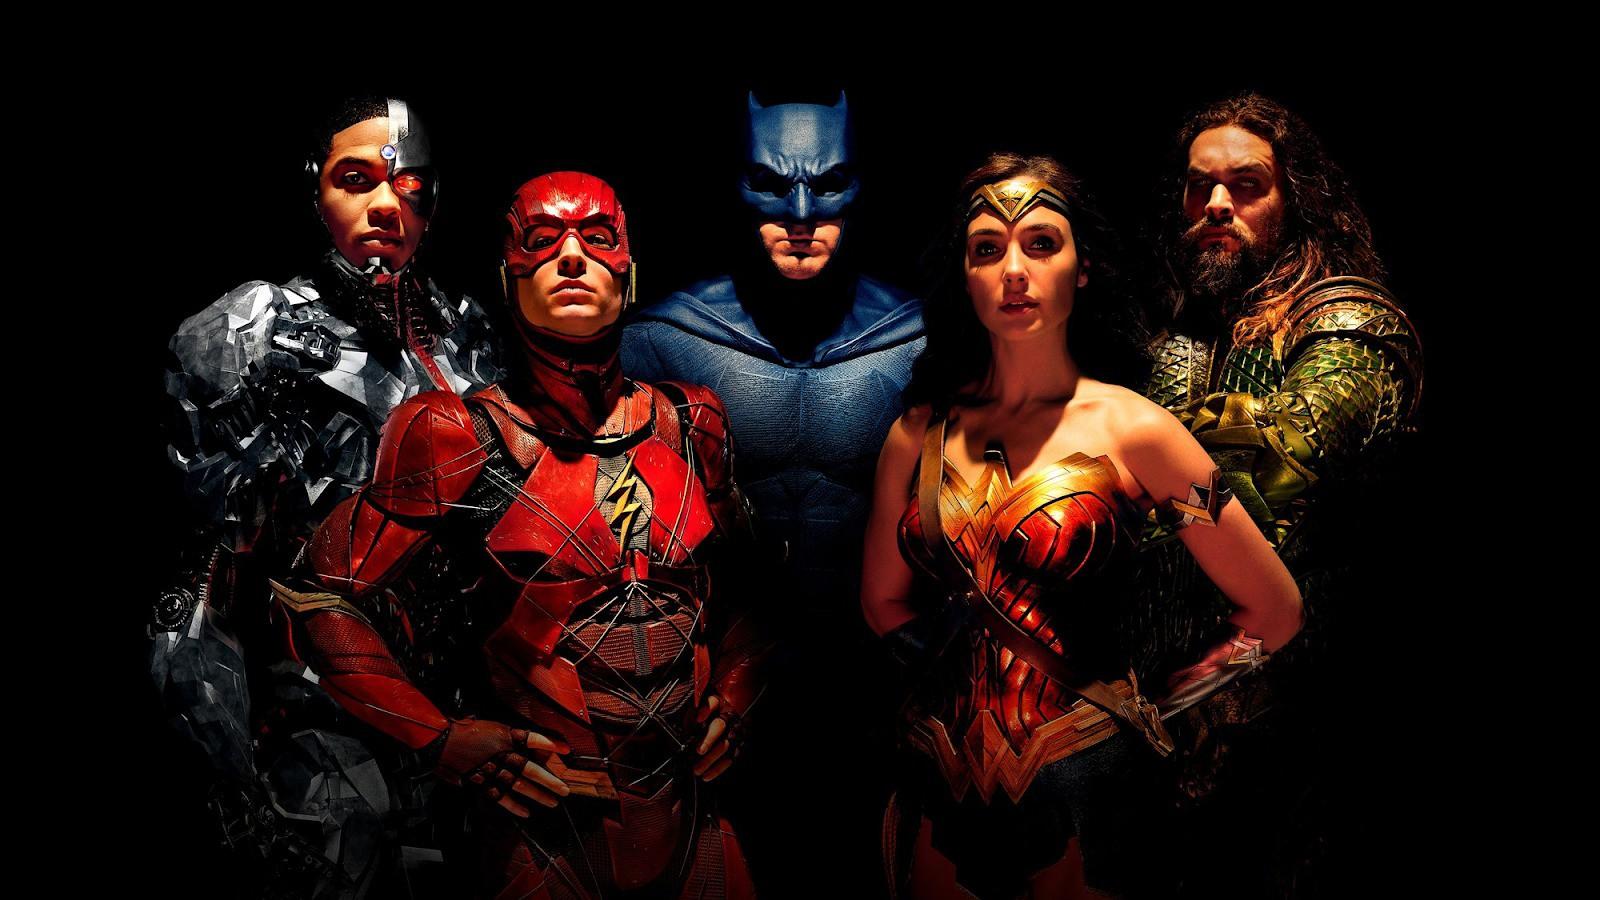 Ngồi xuống cùng fan cứng DC tâm sự về bom tấn siêu anh hùng Avengers: Endgame! - Ảnh 4.